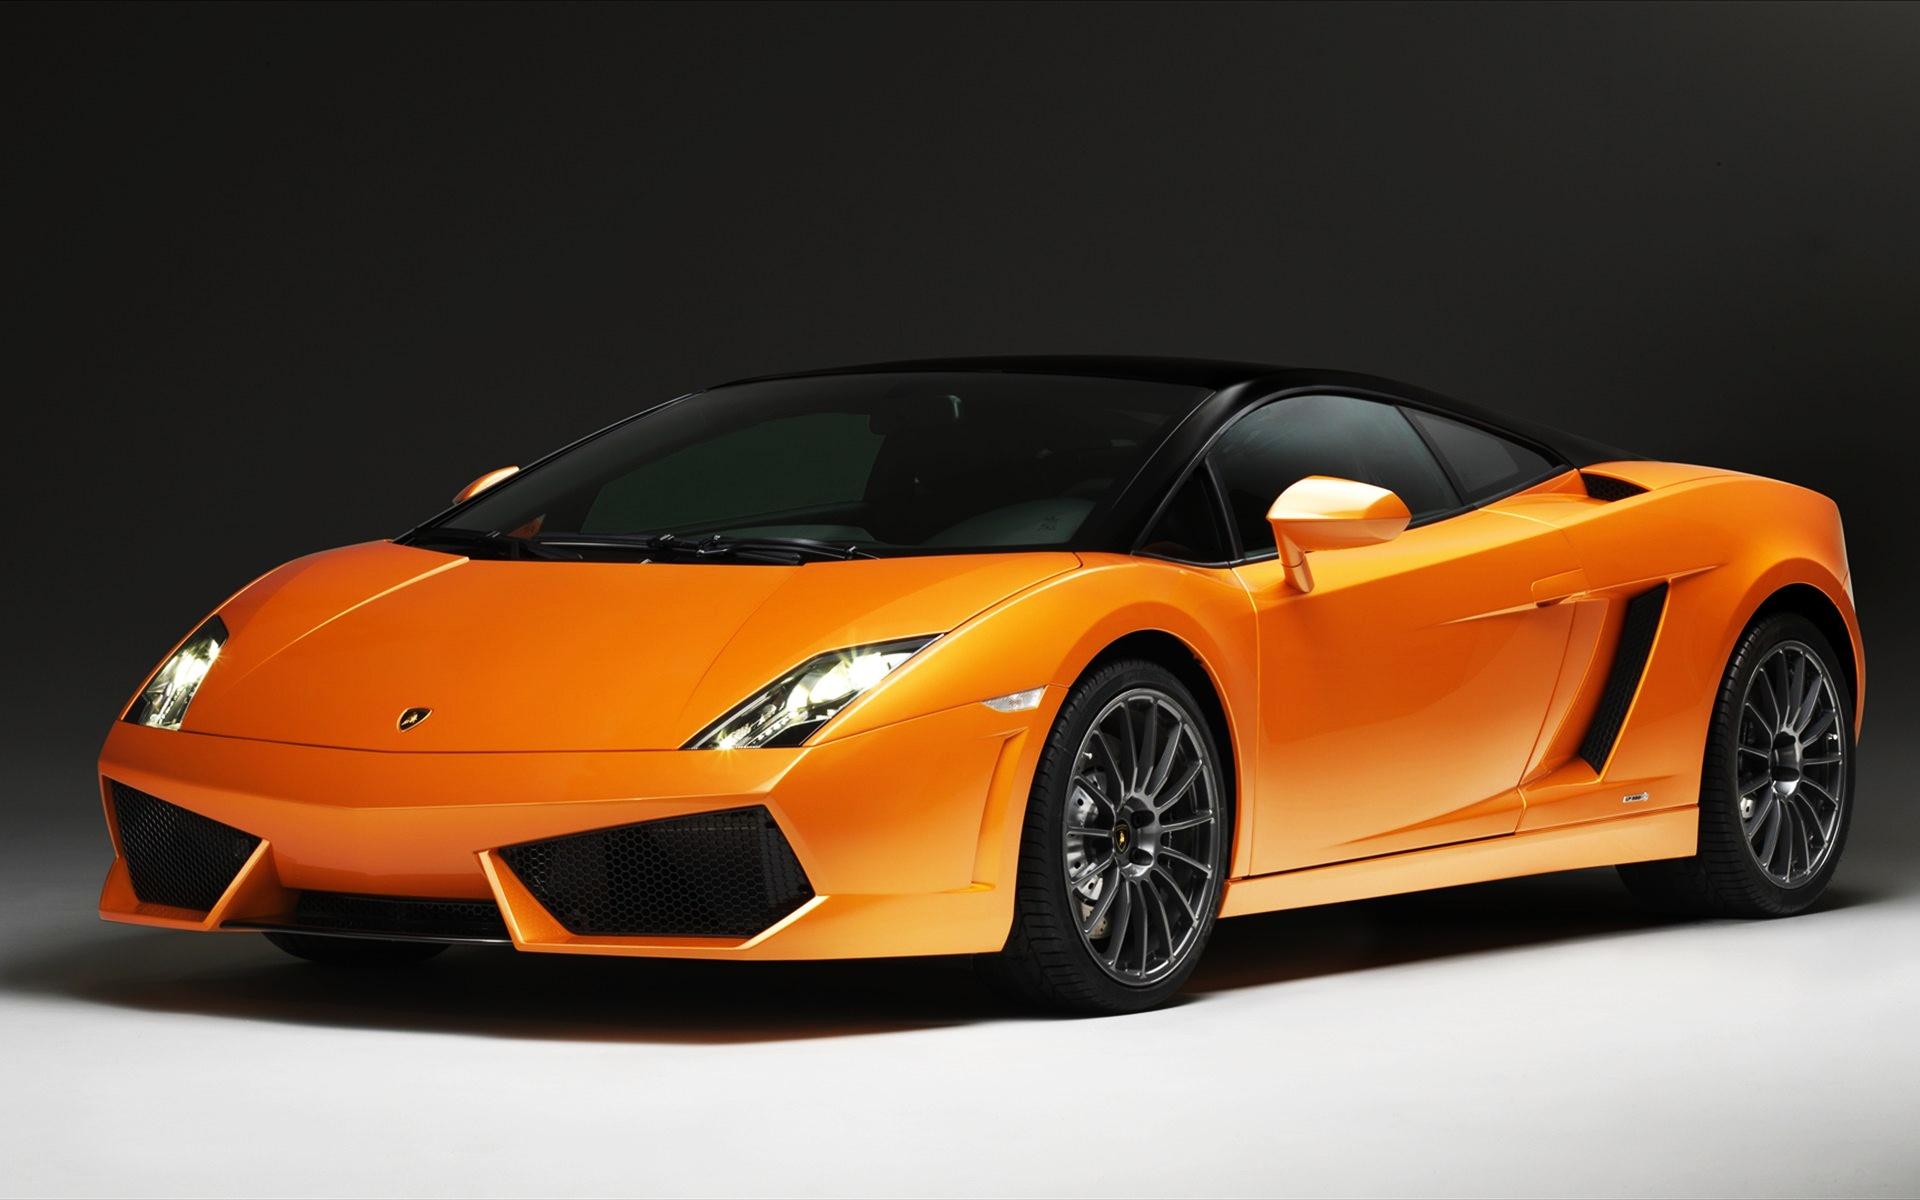 Lamborghini Gallardo Images: